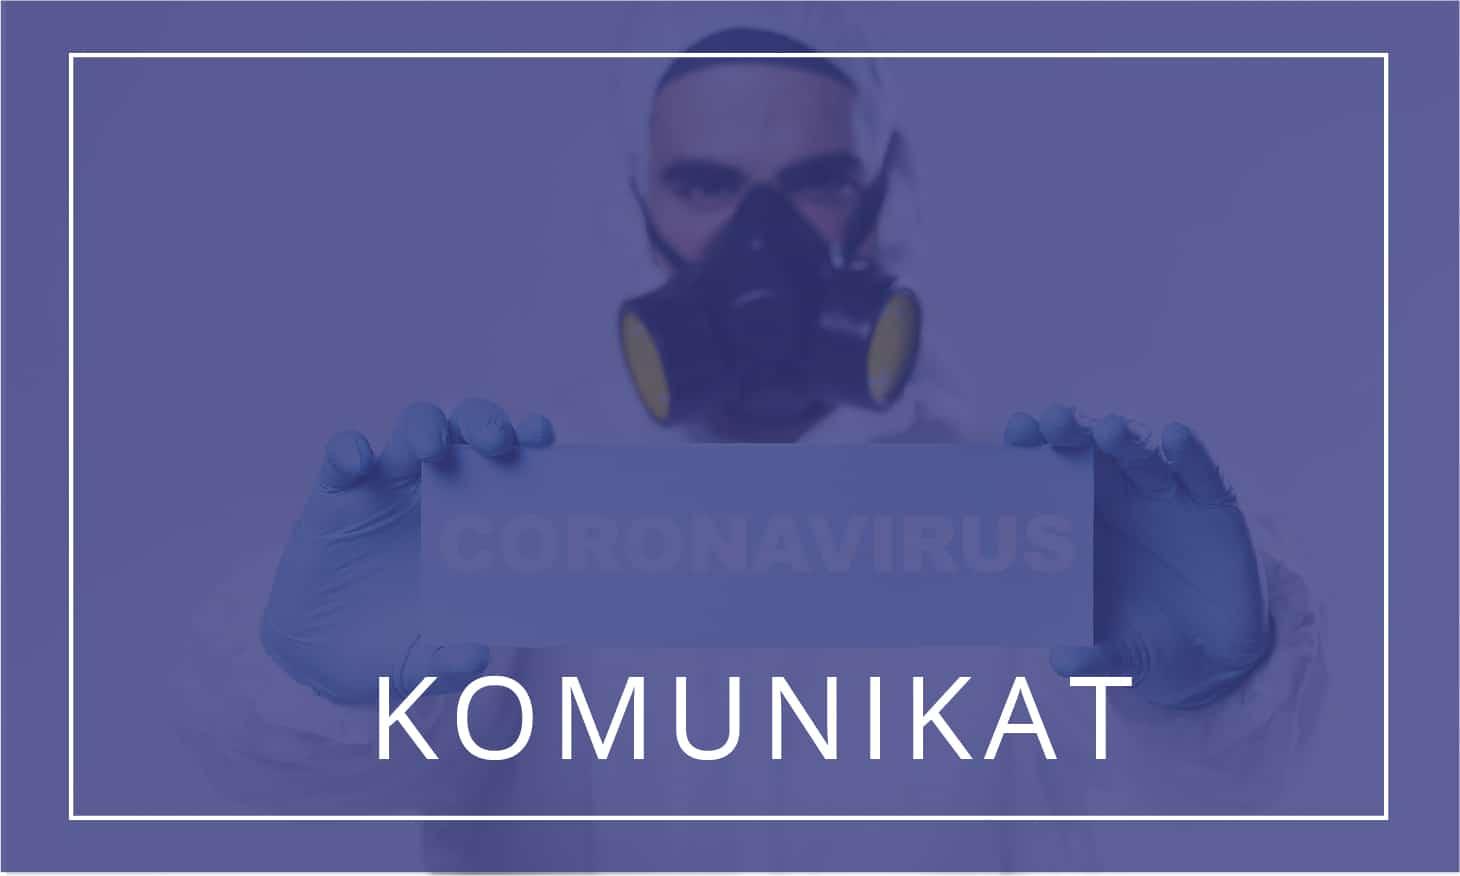 Przyjmowanie próbek do badań w kierunku COVID-19 (koronawirusa)